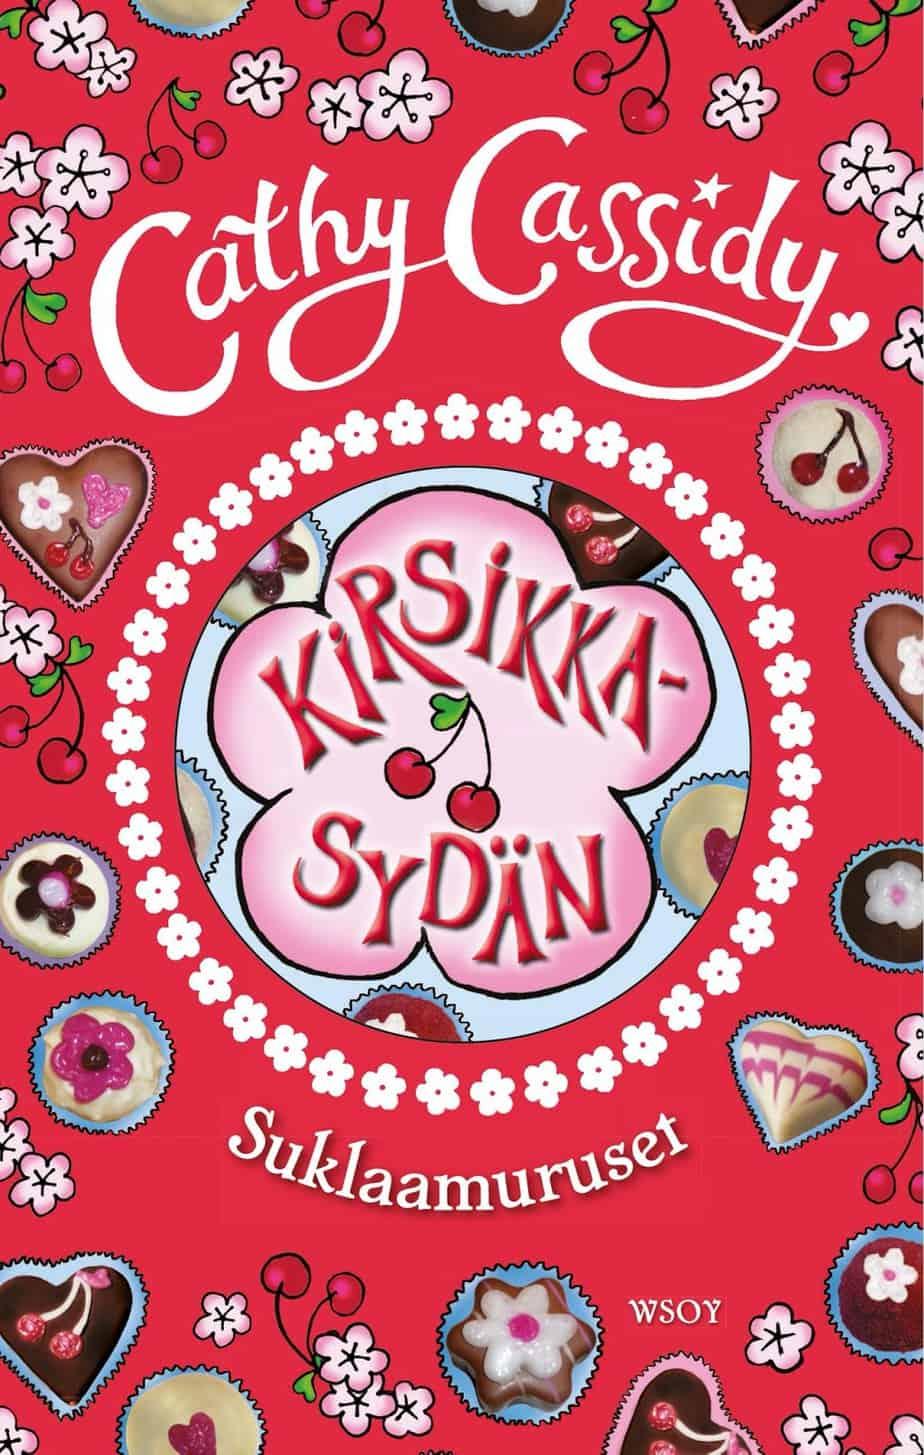 Kirsikkasydän, Cathy Cassidy, Suklaamuruset-sarja, Kirjoittajakoulu